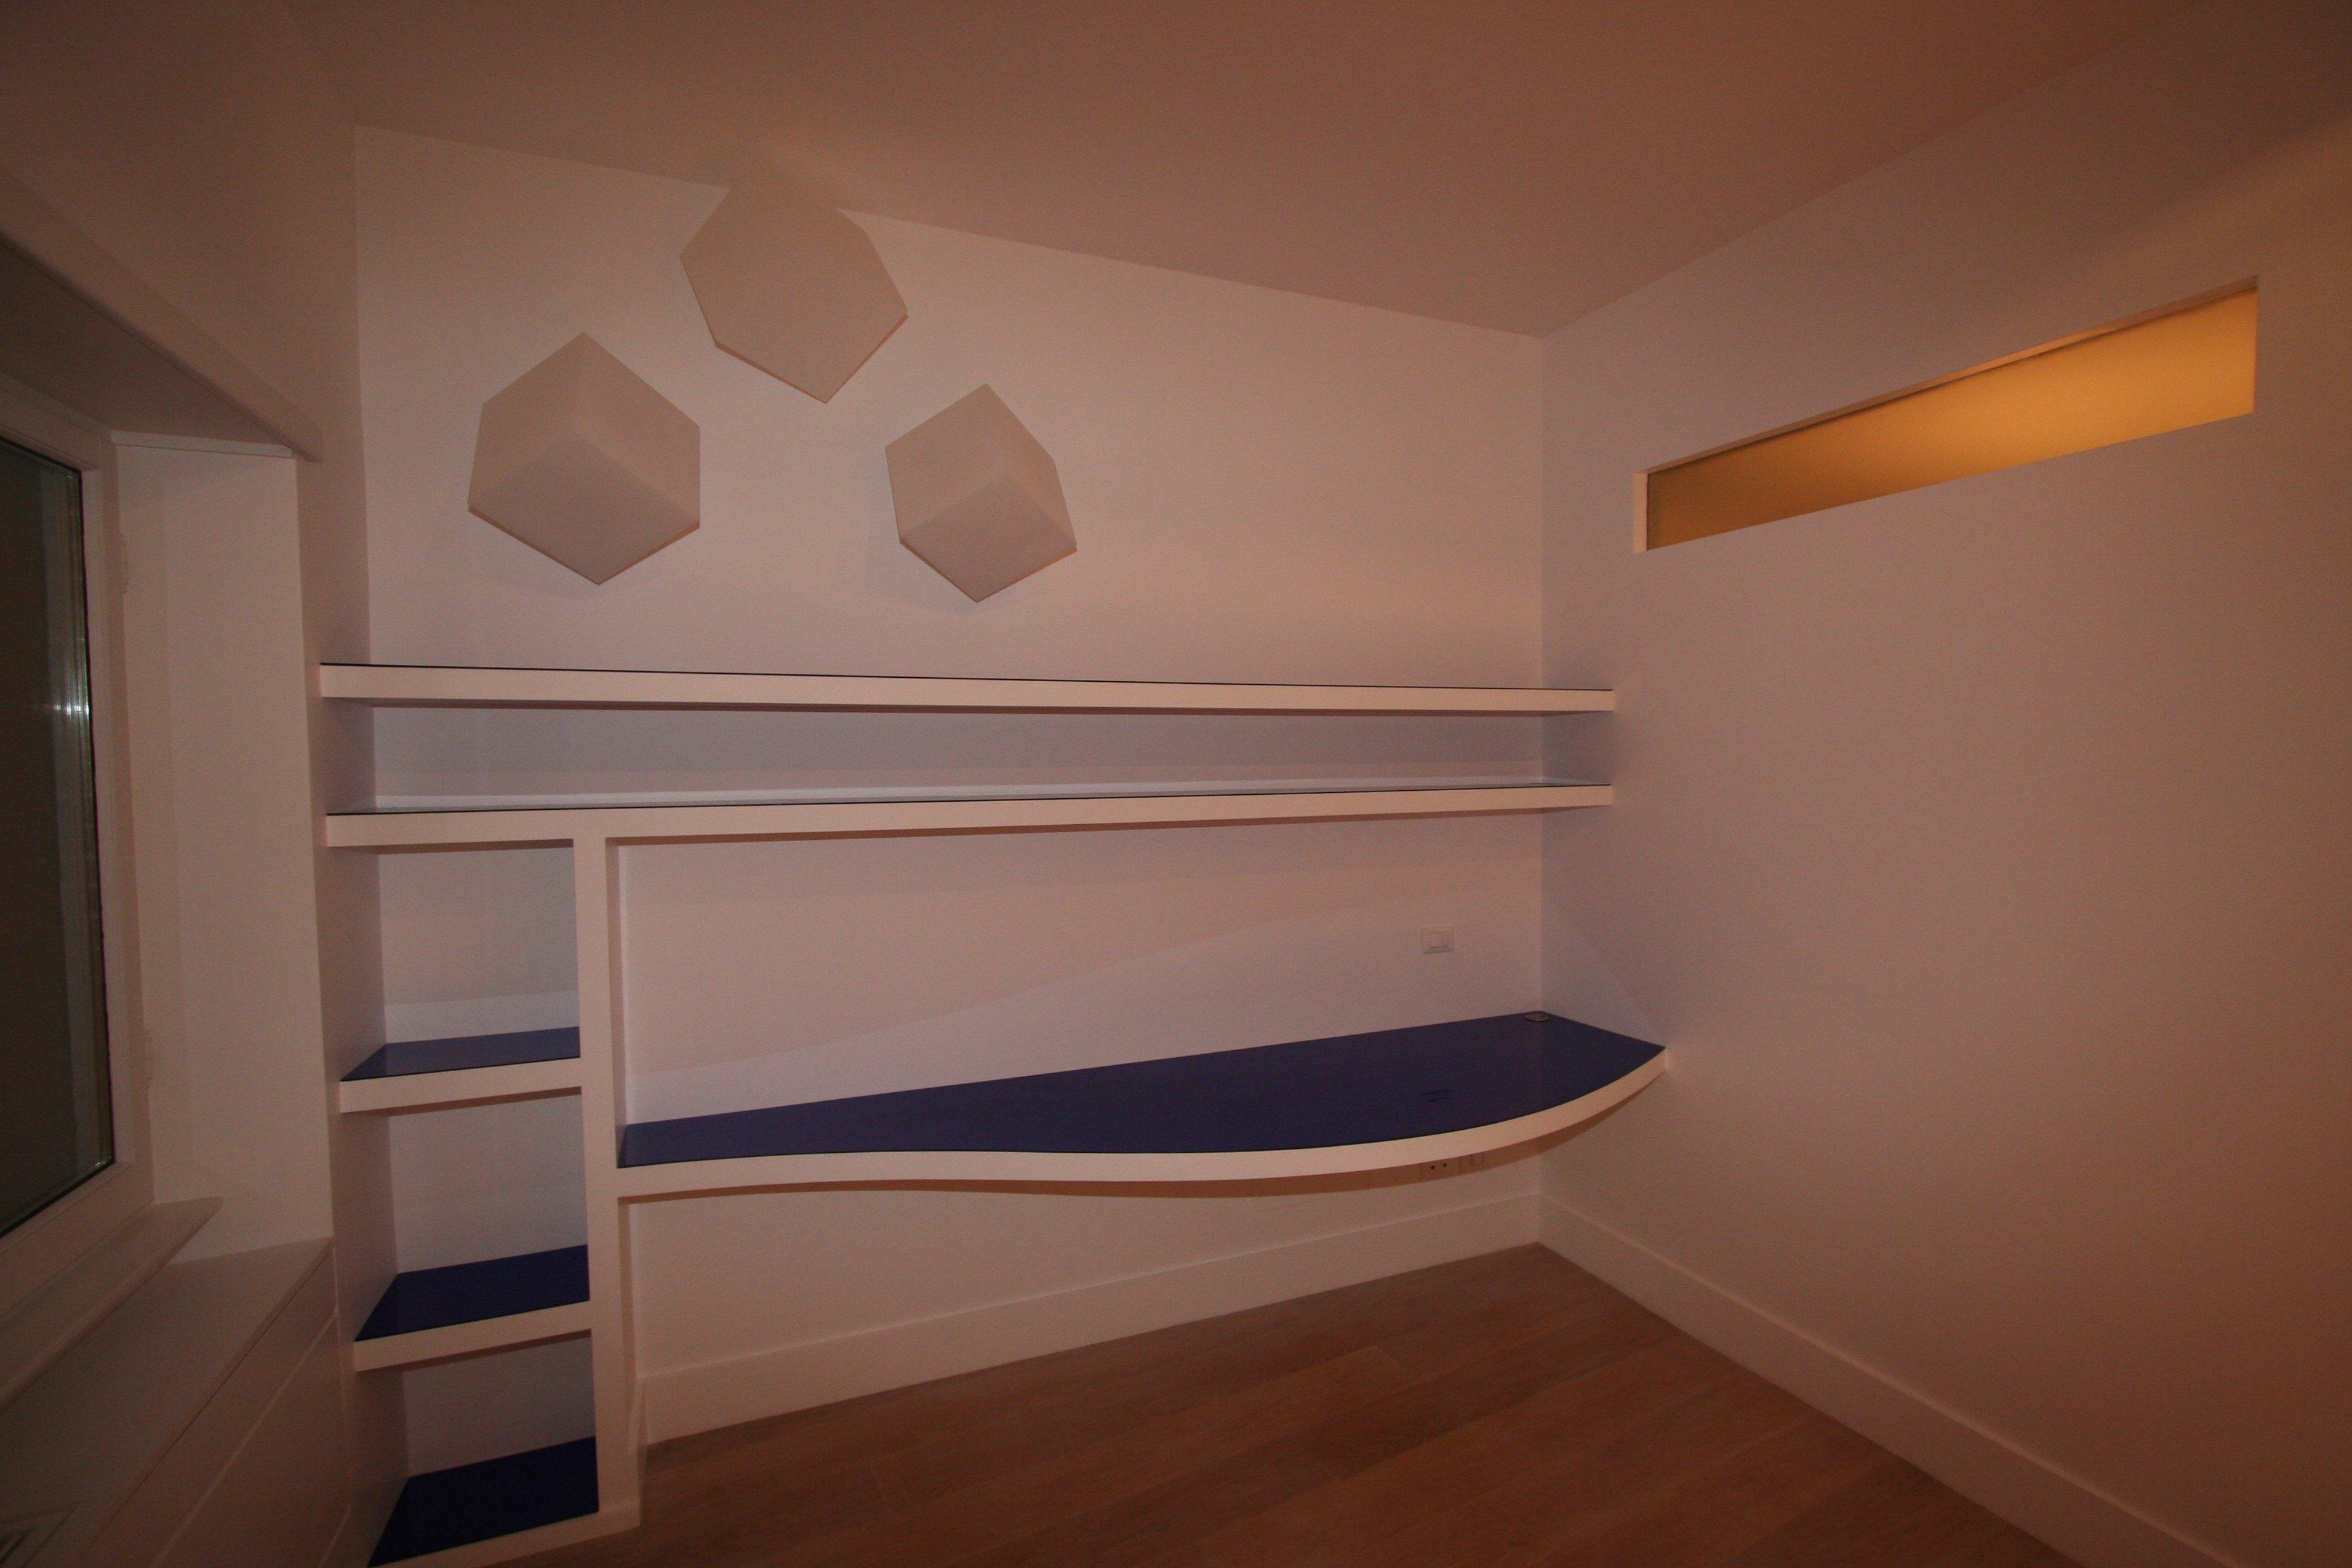 Image studio foto 4 scrivania e ripiani in carton gesso for Scrivania studio